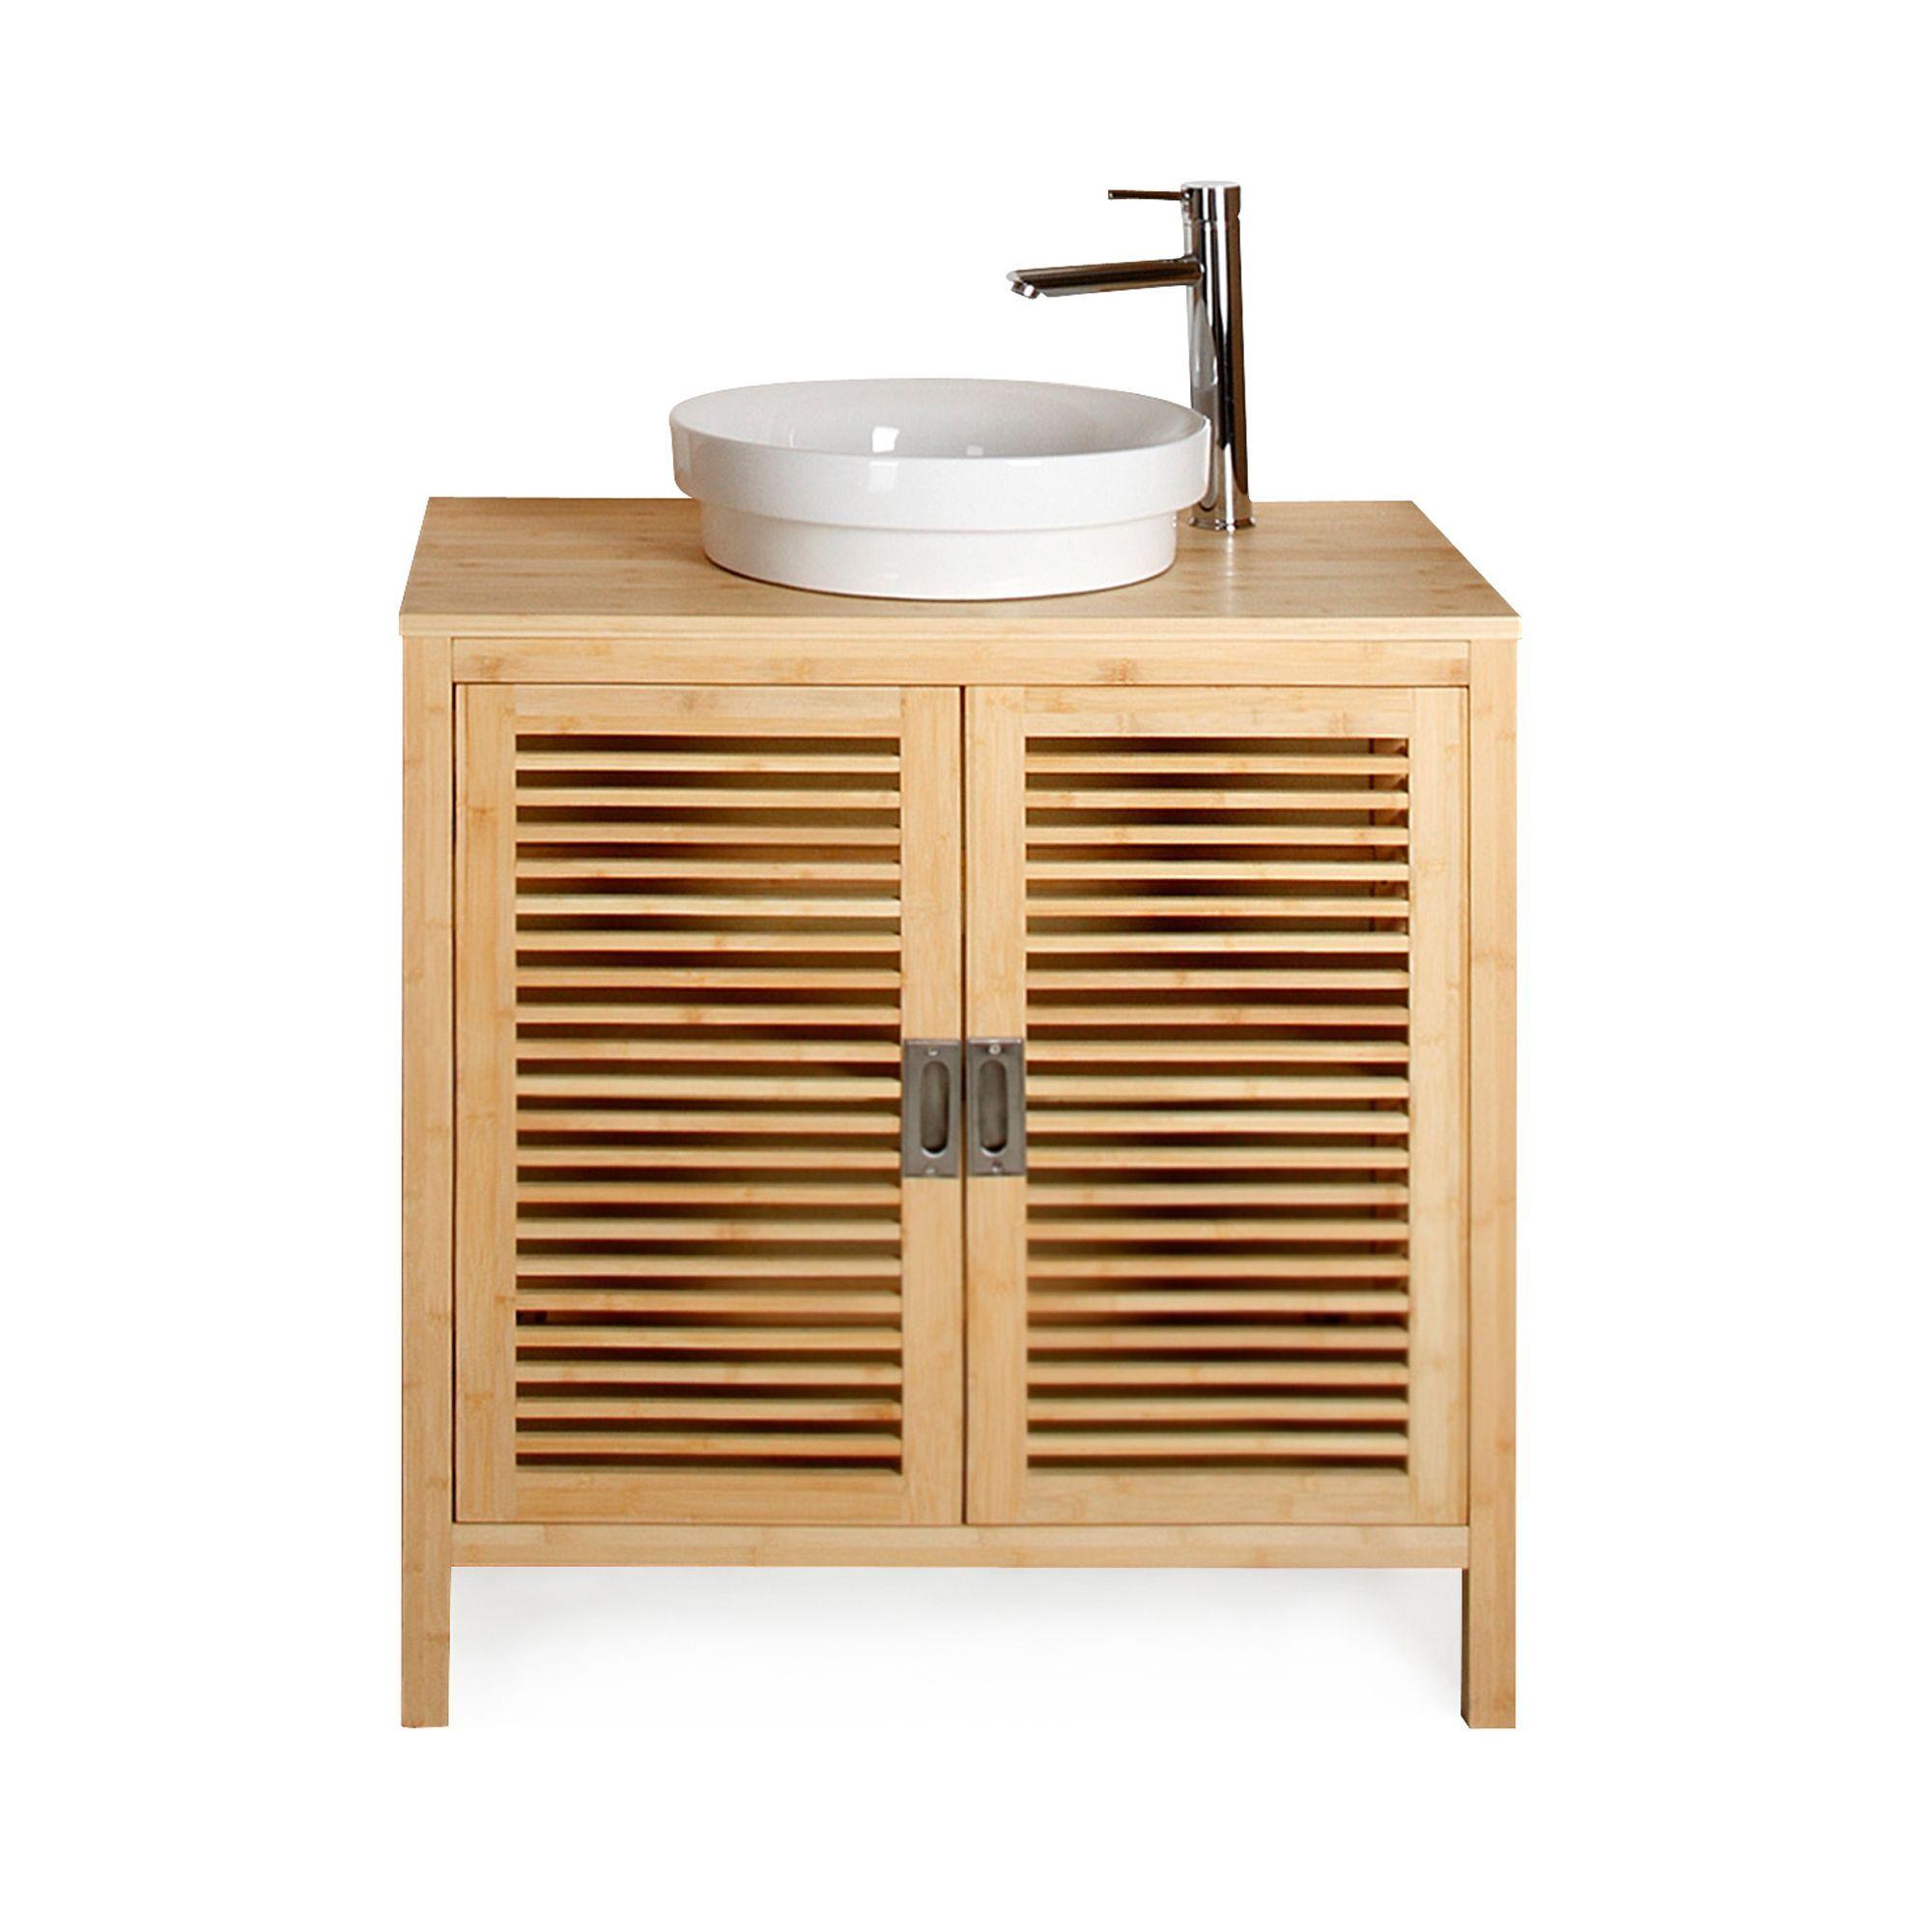 Meuble Sous Vasque Simple En Bambou 80cm Bambou Nature Les Meubles Sous Vasques Meubles Meuble De Salle De Bain Meuble Sous Vasque Meuble Salle De Bain